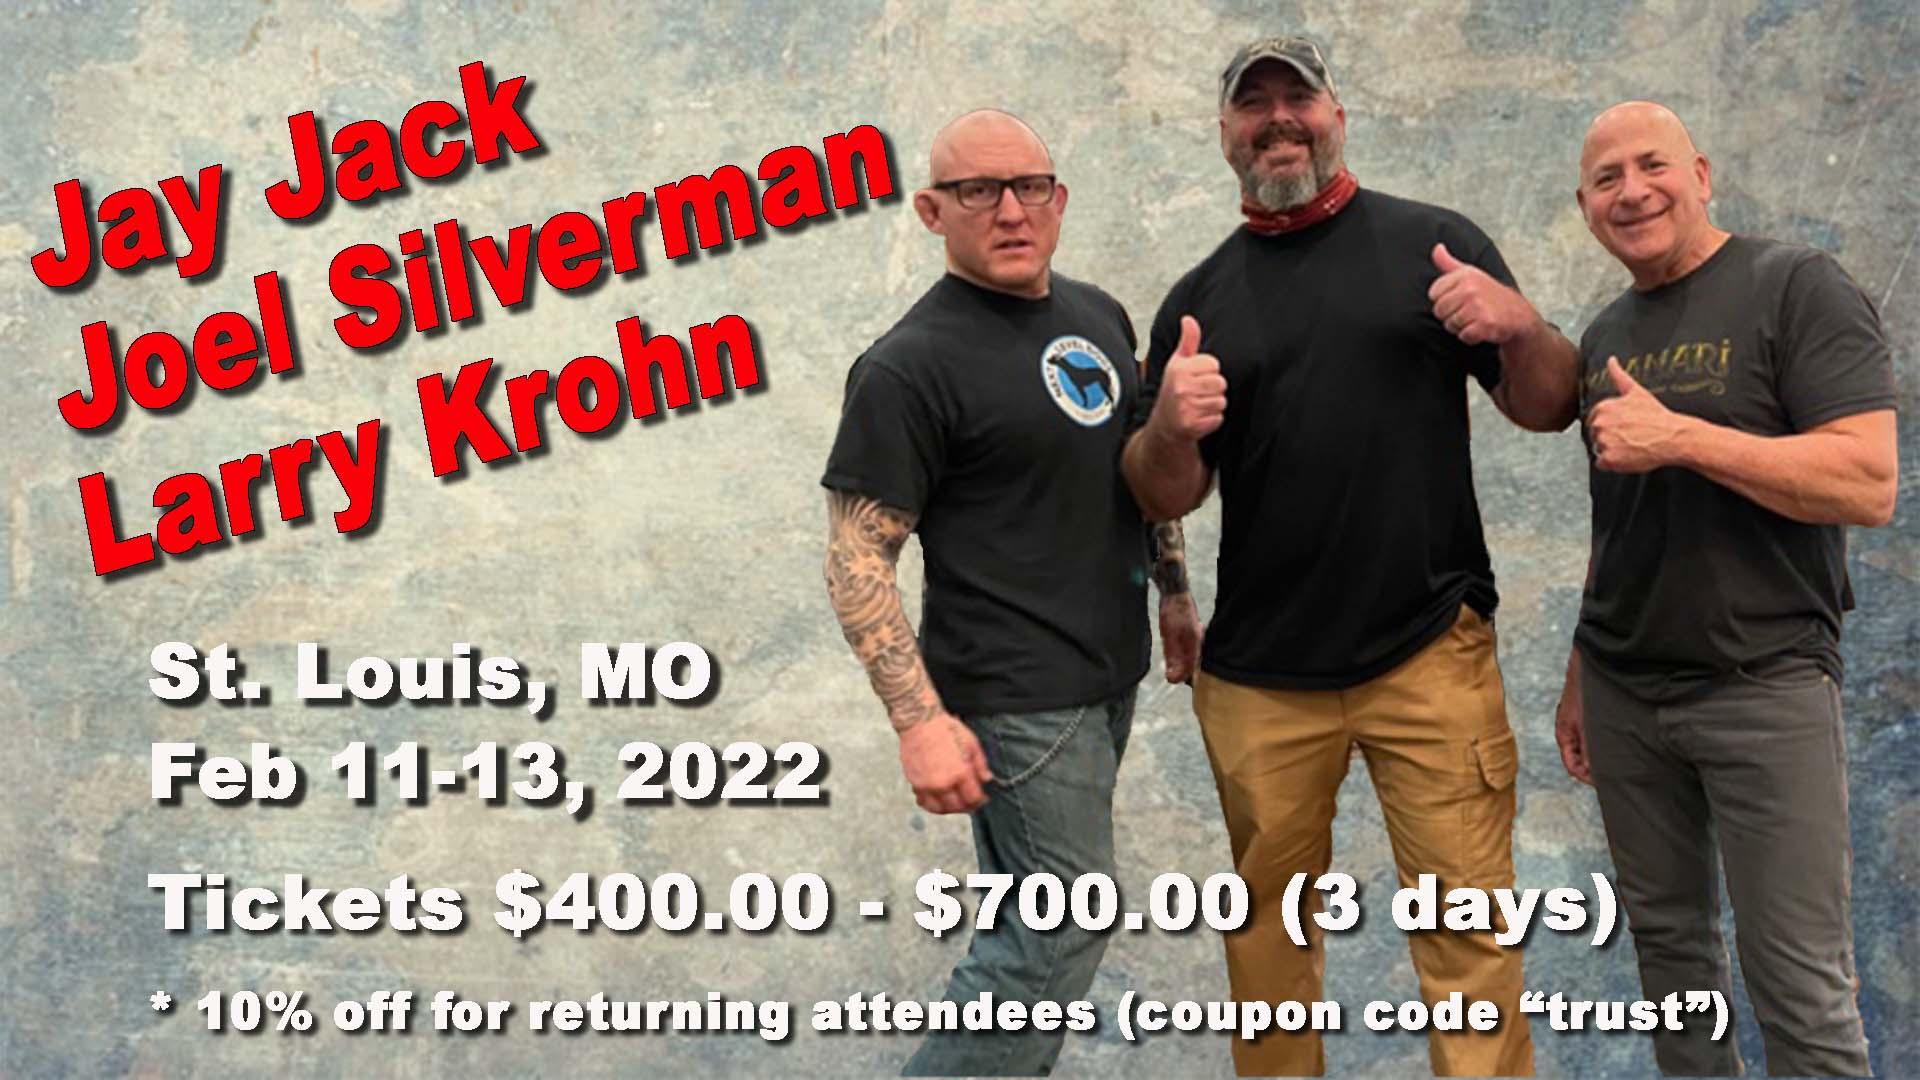 Joel Silverman Jay Jack Larry Krohn St Louis